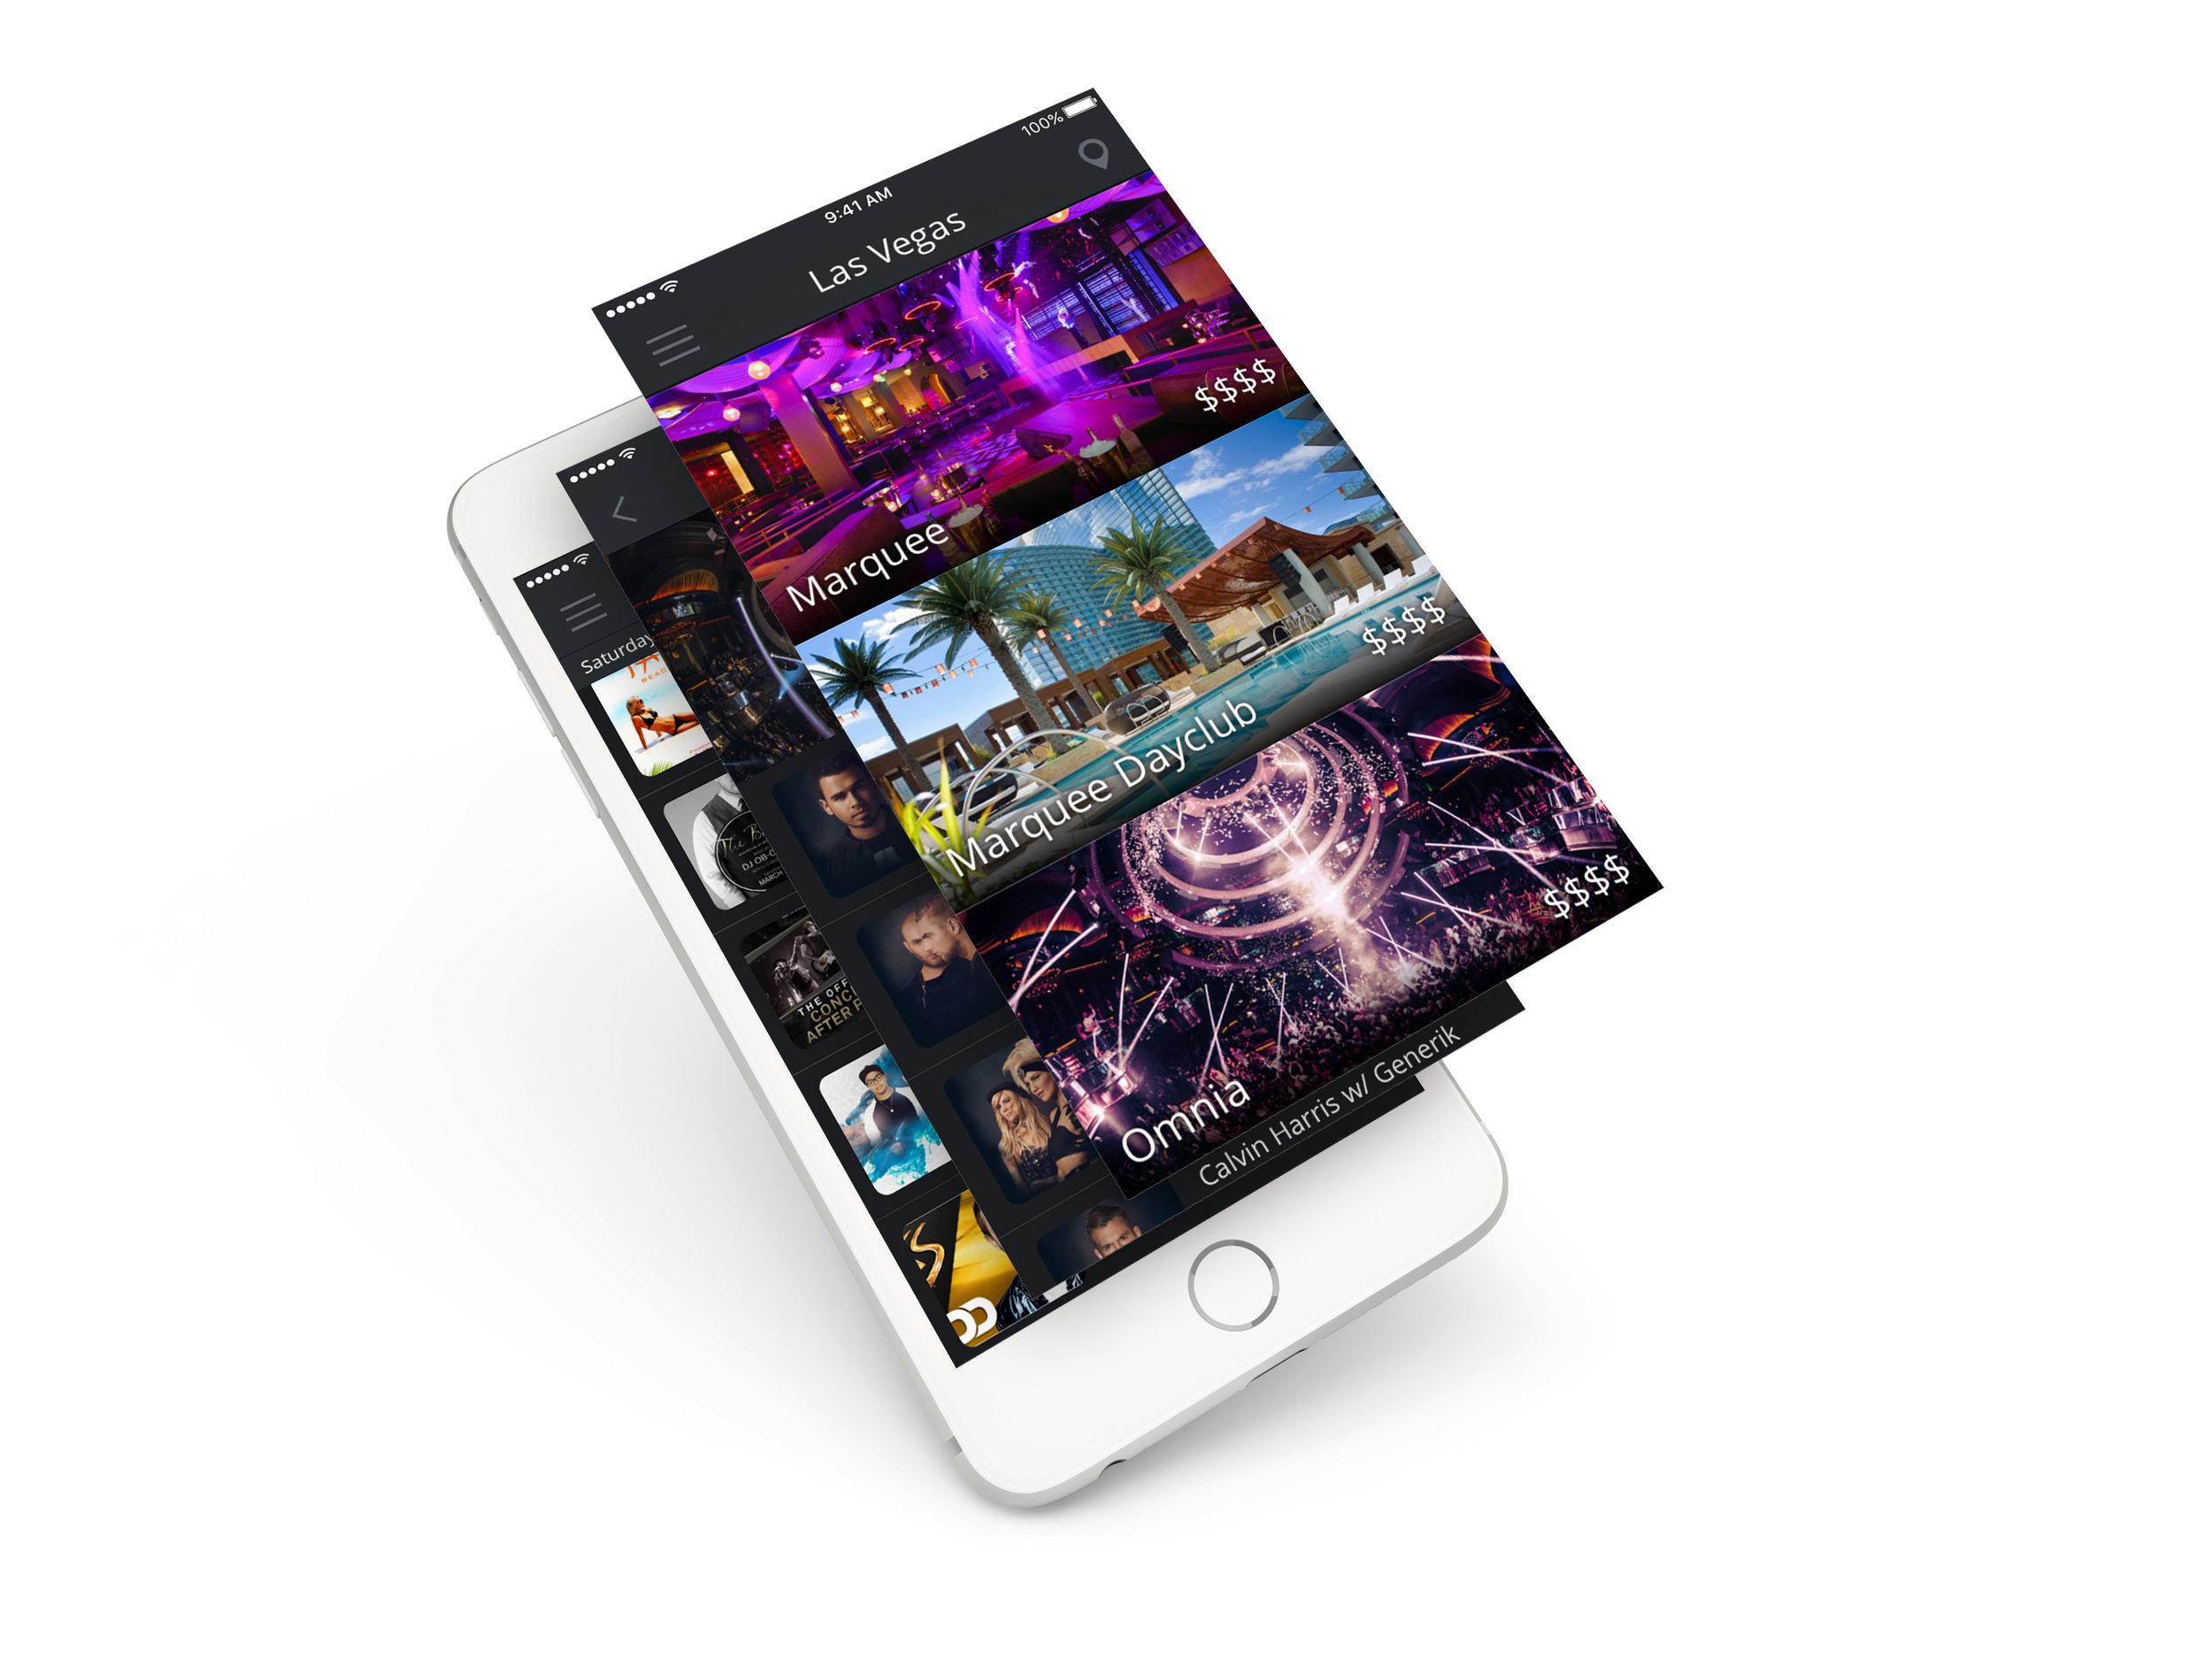 iPhone 6 App Screen PSD Mockup.jpg